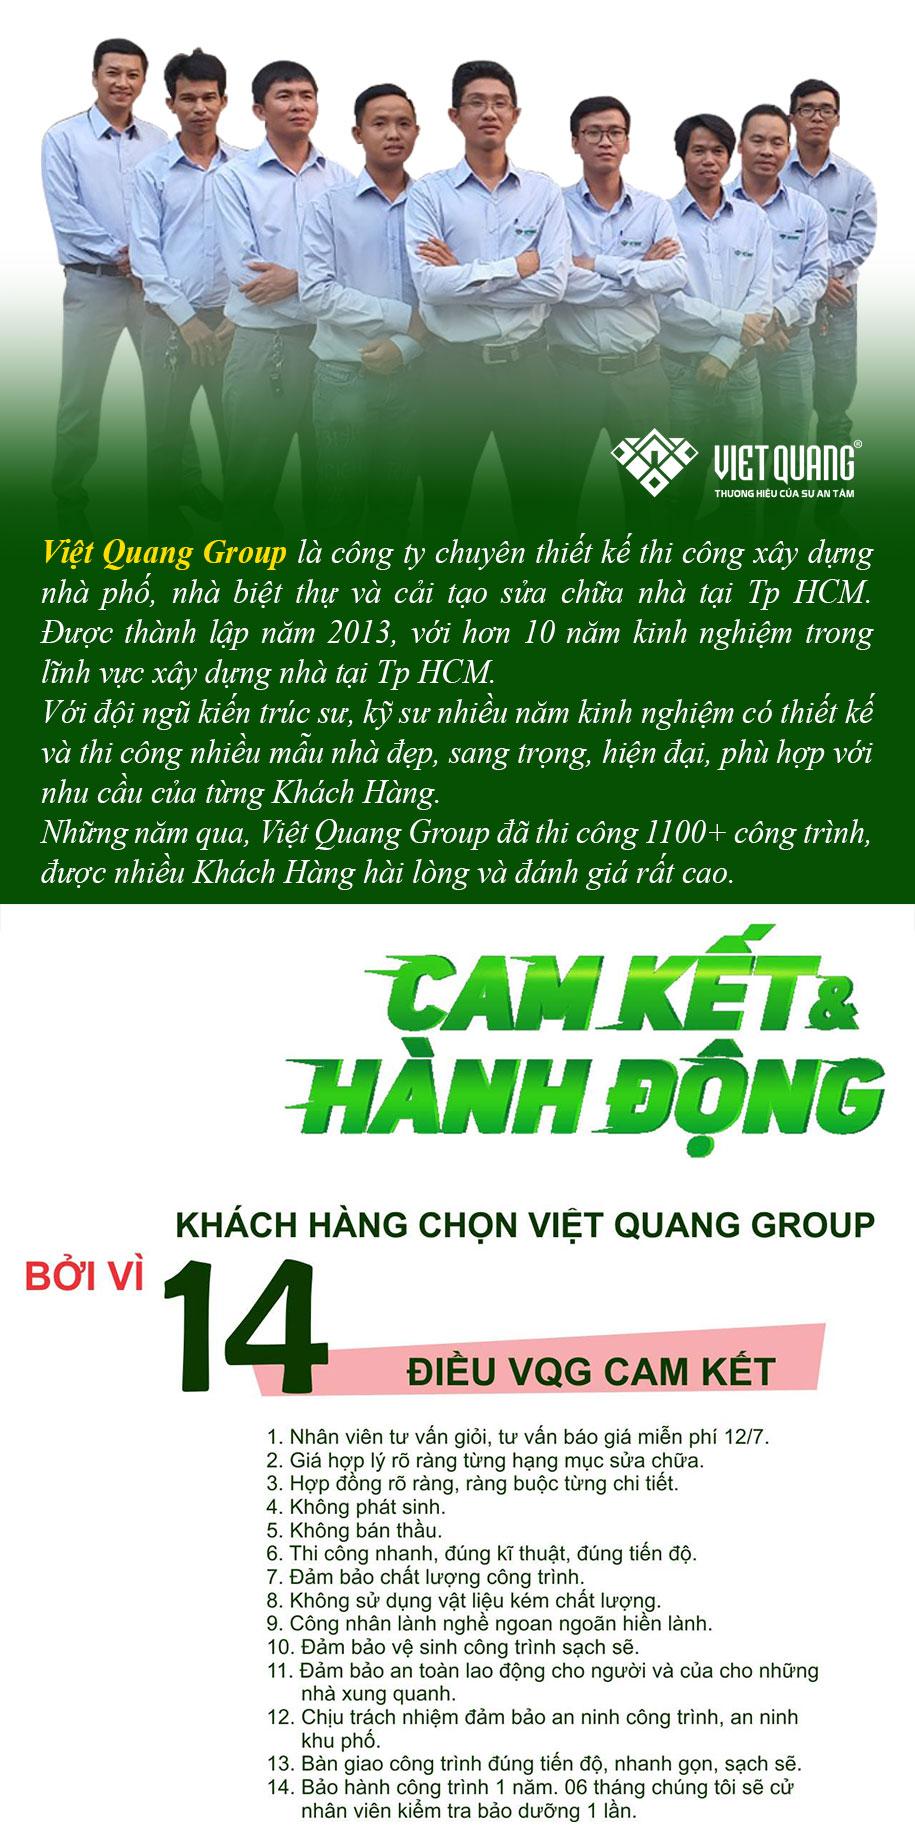 Vì sao Khách Hàng chọn Việt Quang sửa nhà tại quận 11